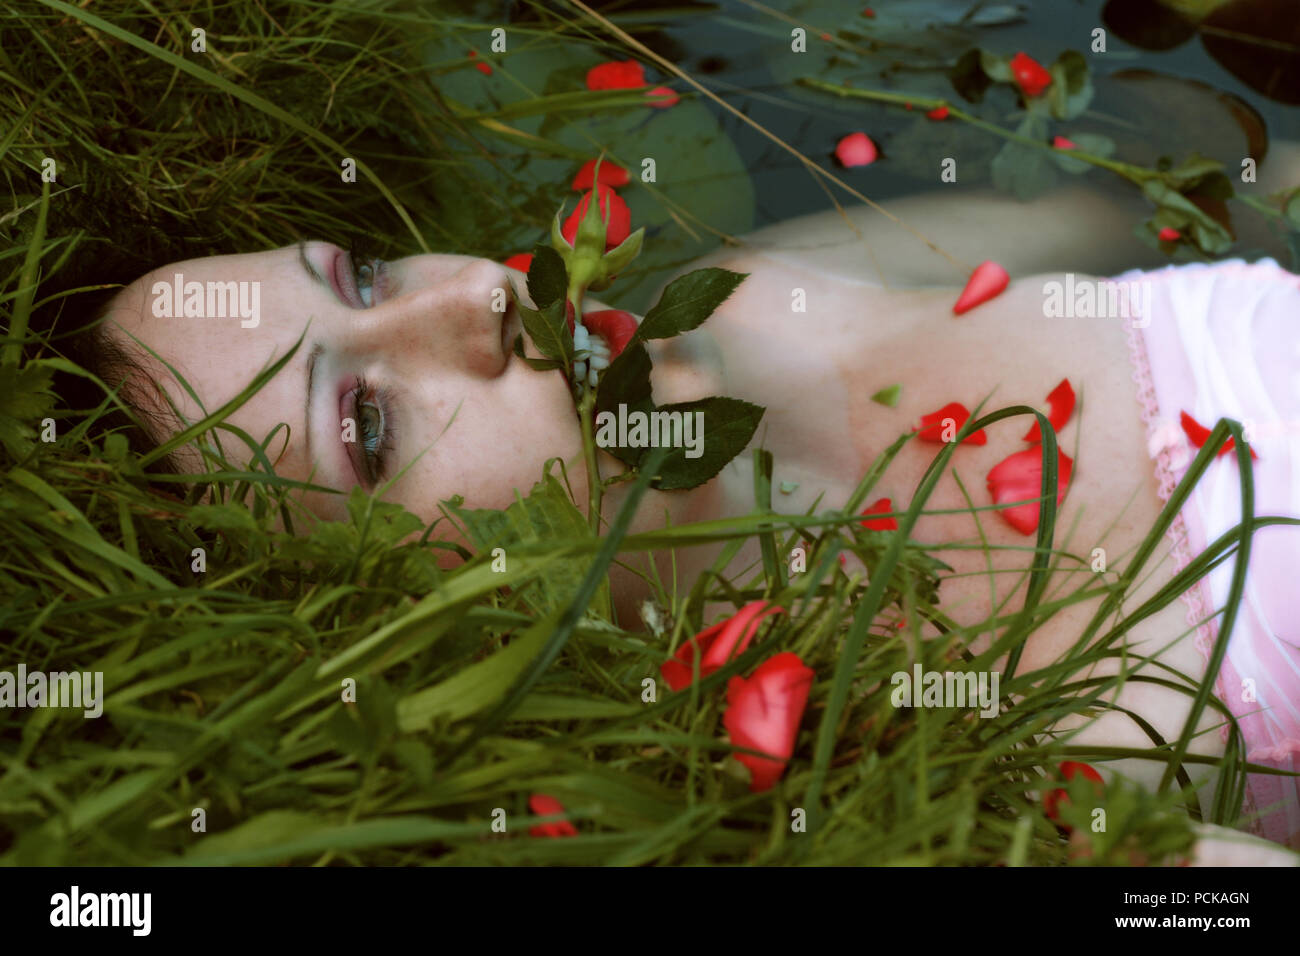 dead,dead body,drowned body,love dead - Stock Image